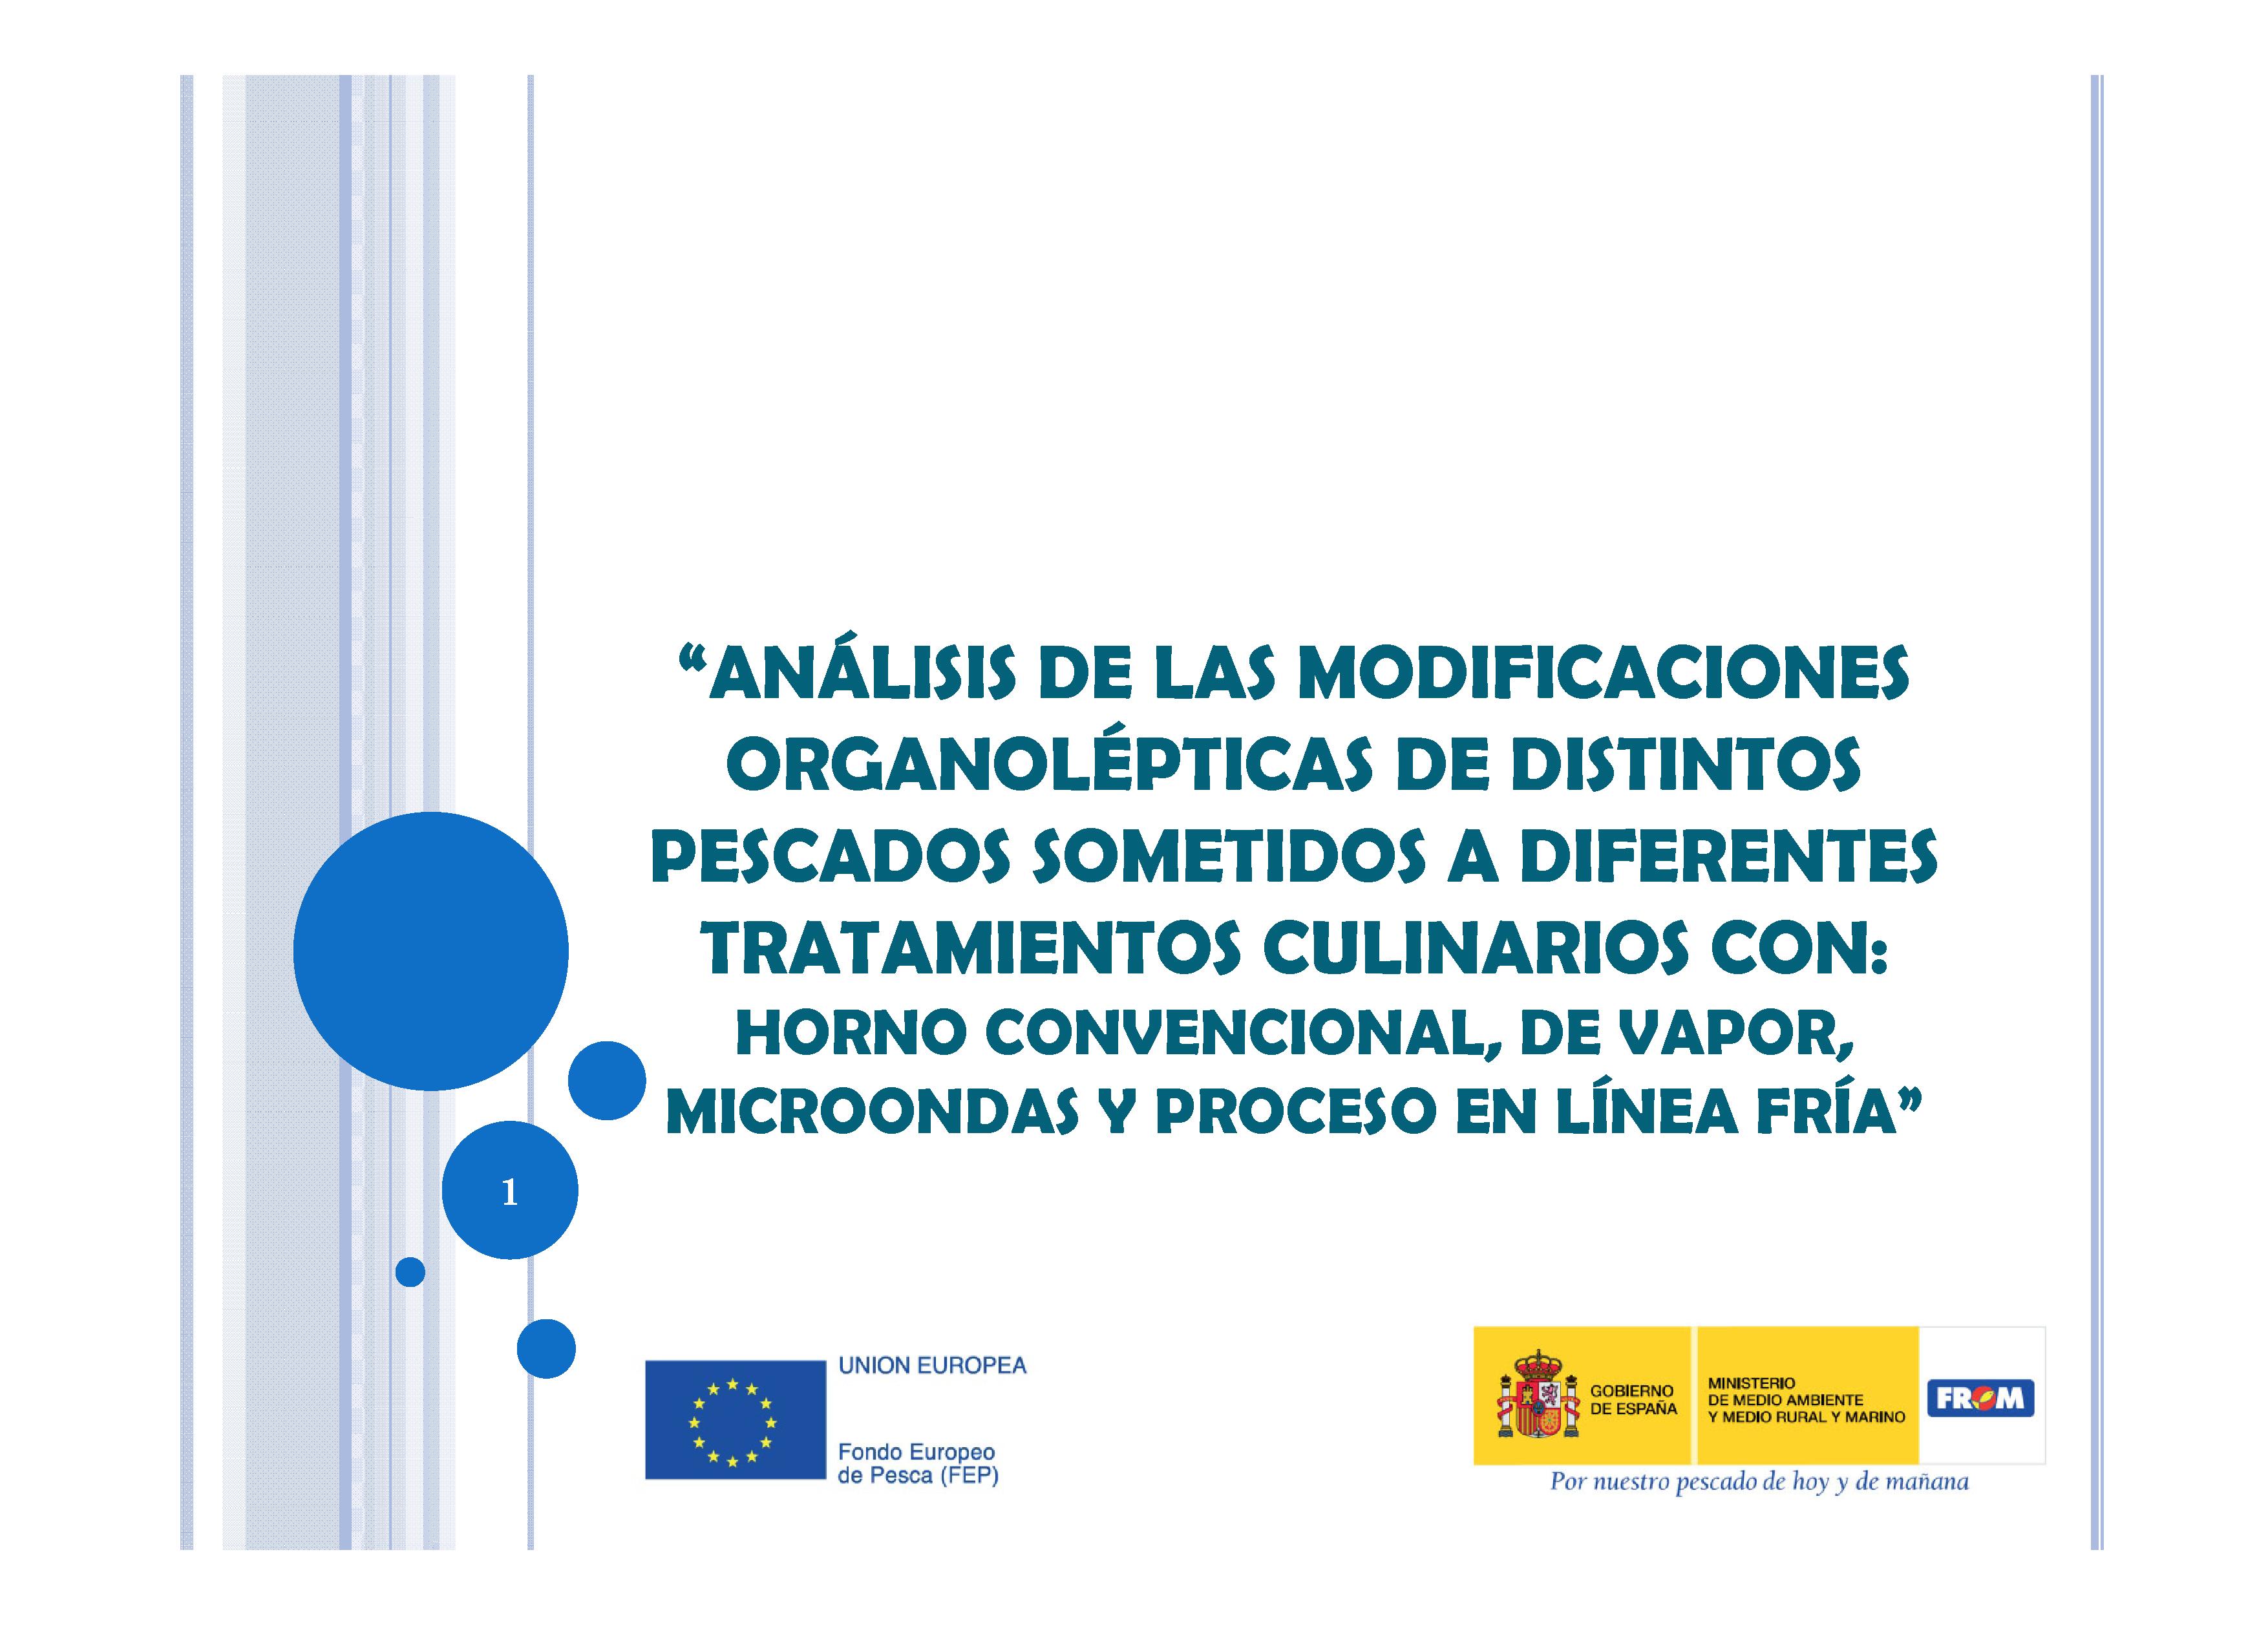 """""""ANÁLISIS DE LAS MODIFICACIONES ORGANOLÉPTICAS DE DISTINTOS PESCADOS SOMETIDOS A DIFERENTES TRATAMIENTOS CULINARIOS CON: HORNO CONVENCIONAL, DE VAPOR, MICROONDAS Y PROCESO EN LÍNEA FRÍA"""""""